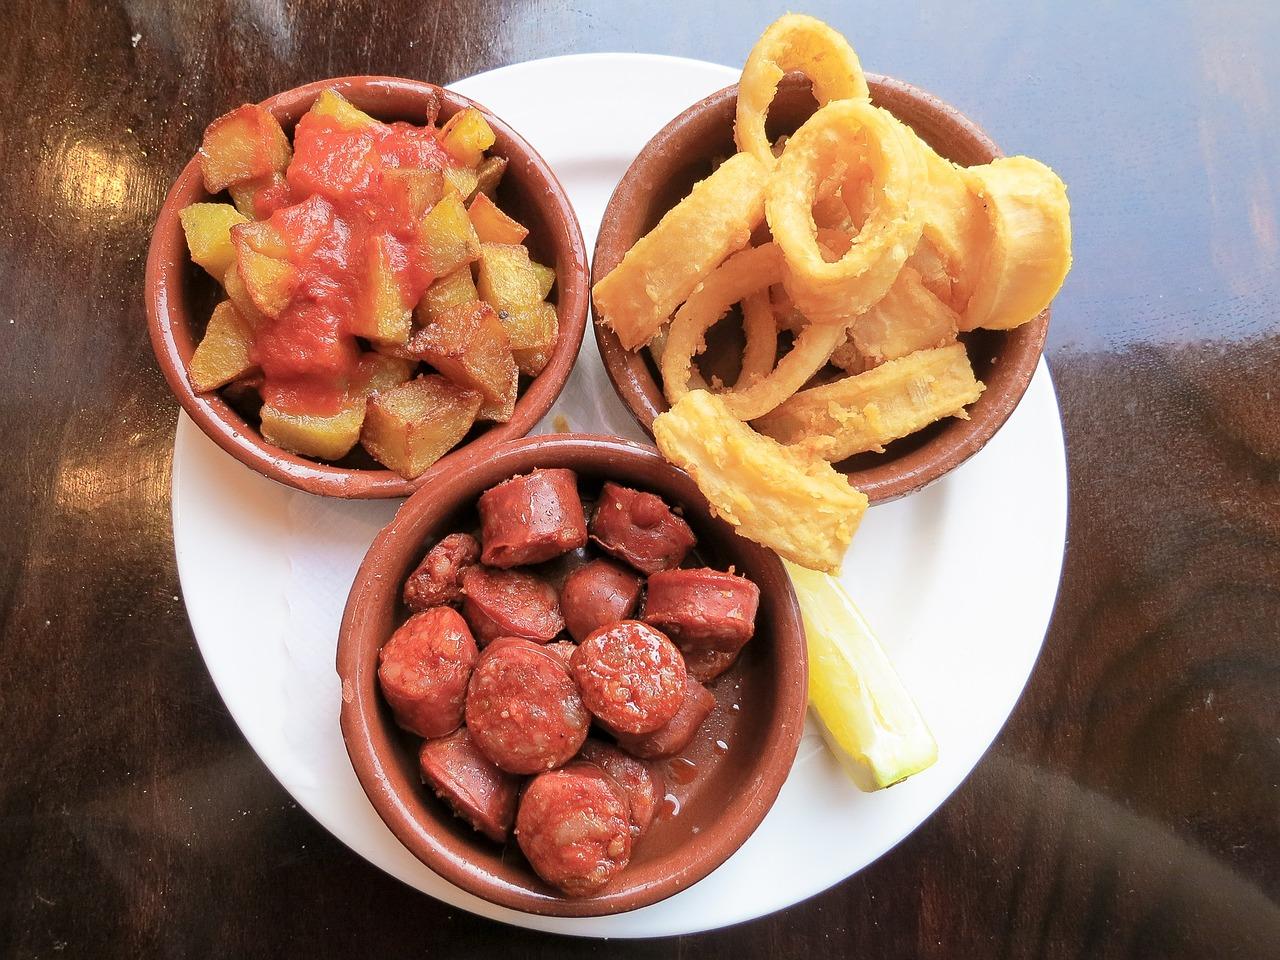 Pictured: chorizo, patatas bravas and calamares